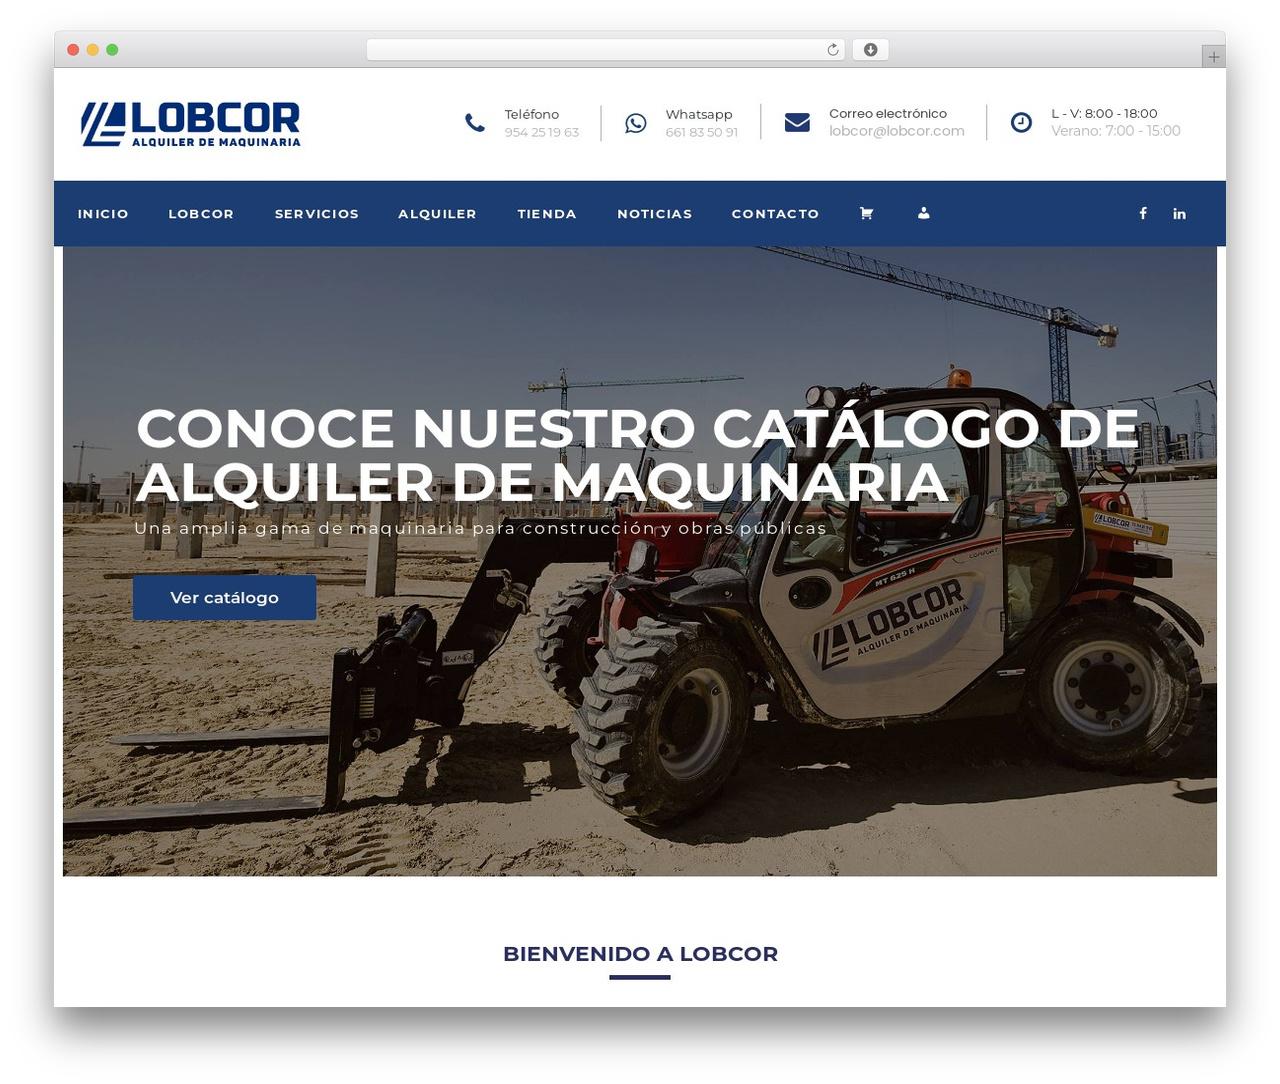 WP theme Cargo Pifour - lobcor.com